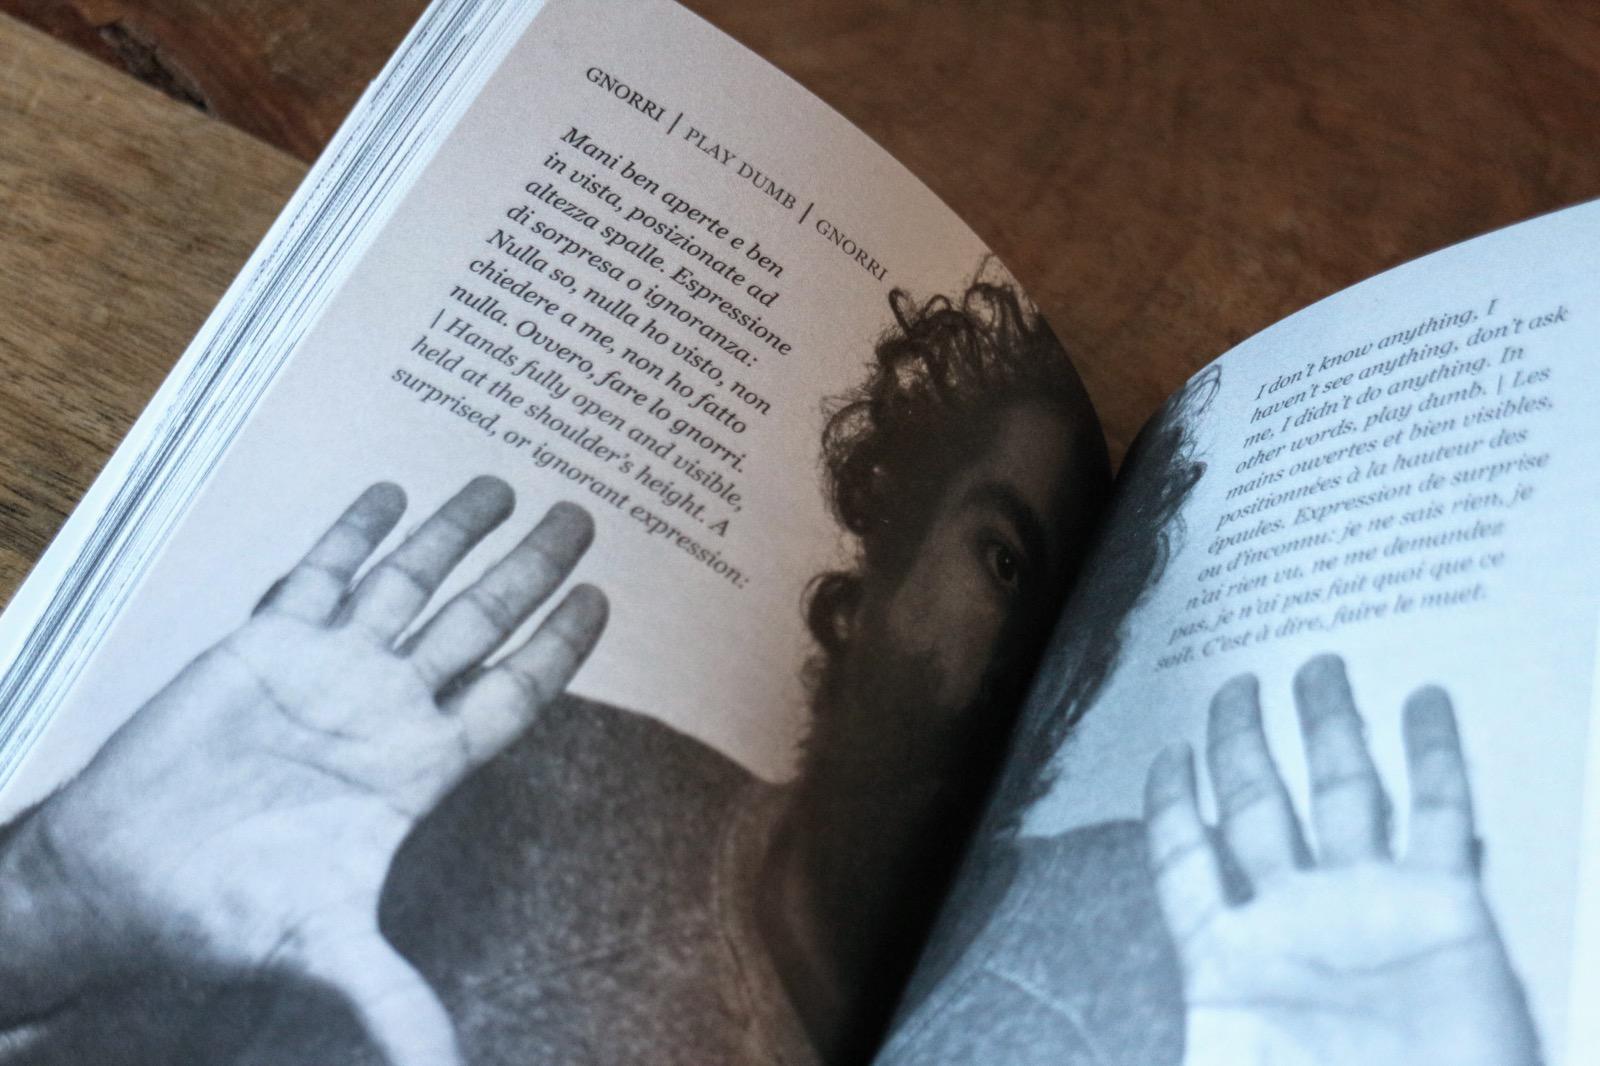 il dizionario dei gesti 9